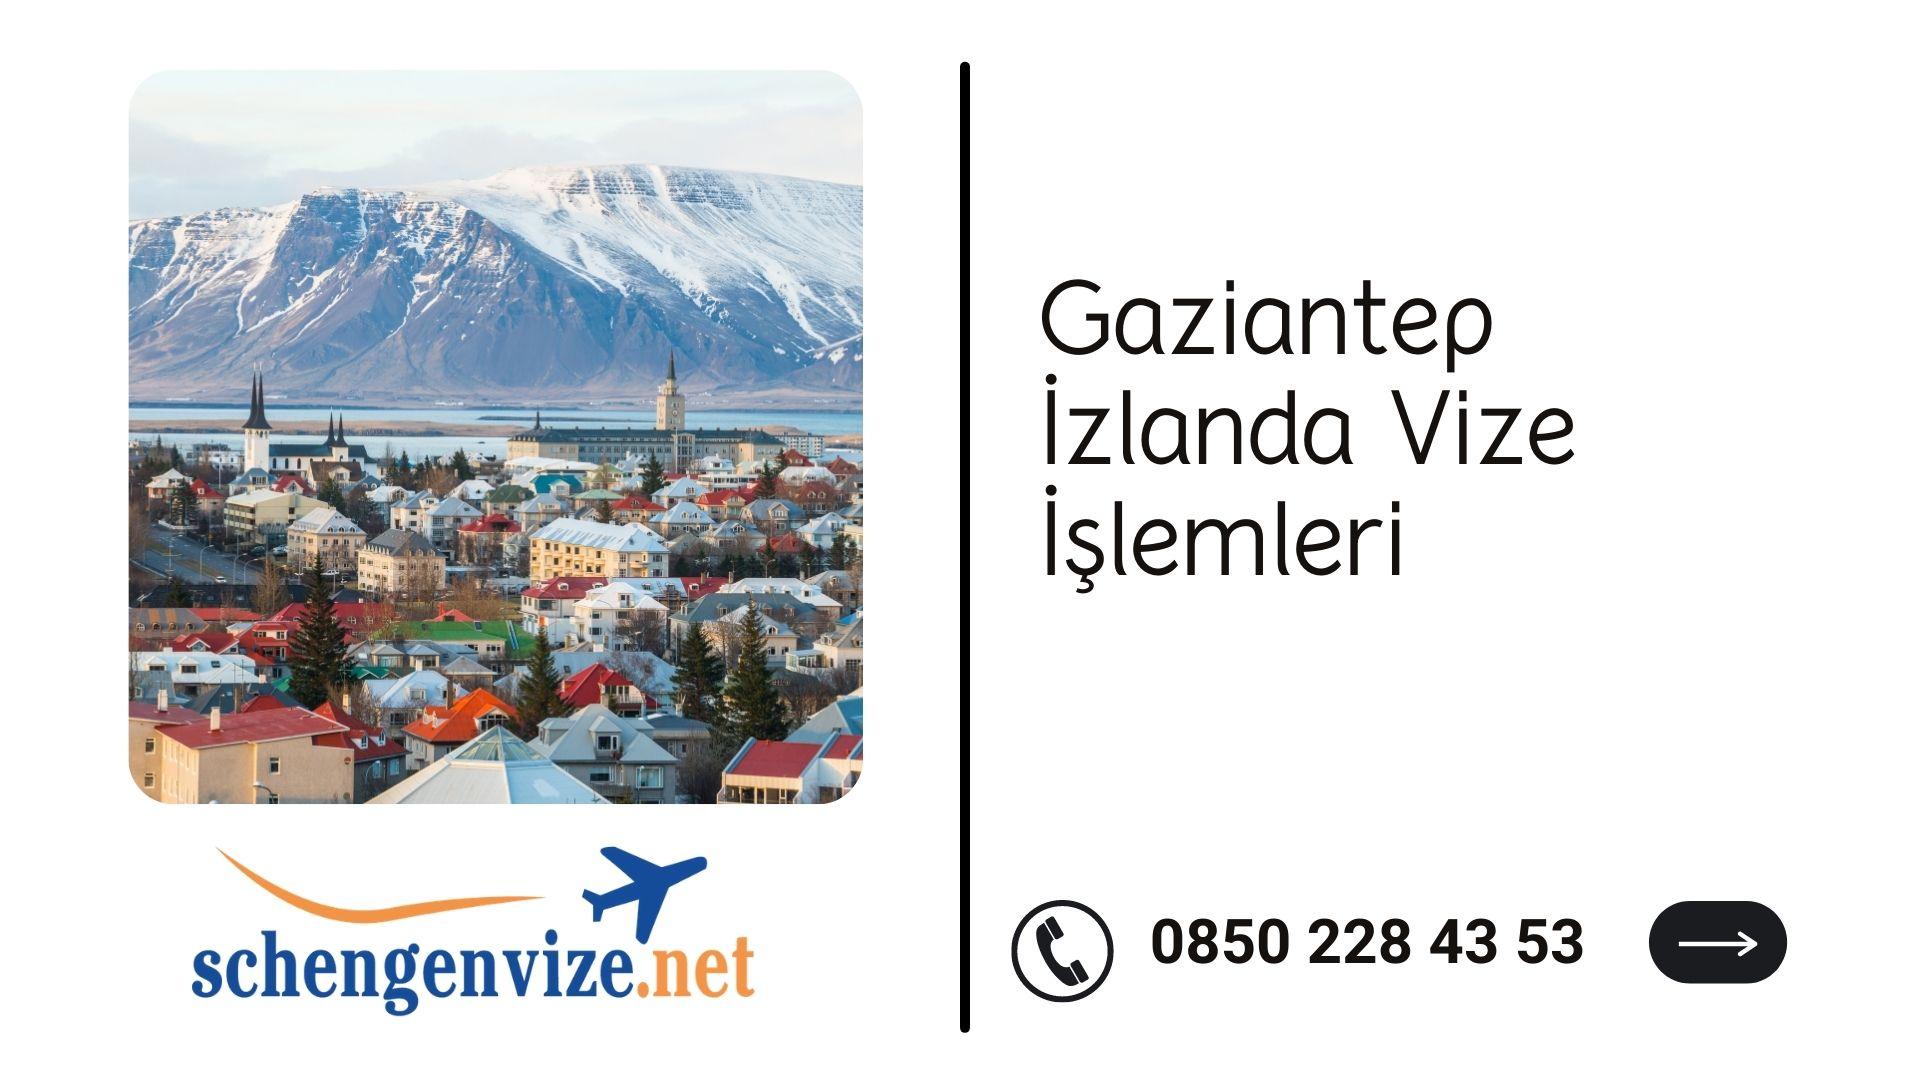 Gaziantep İzlanda Vize İşlemleri